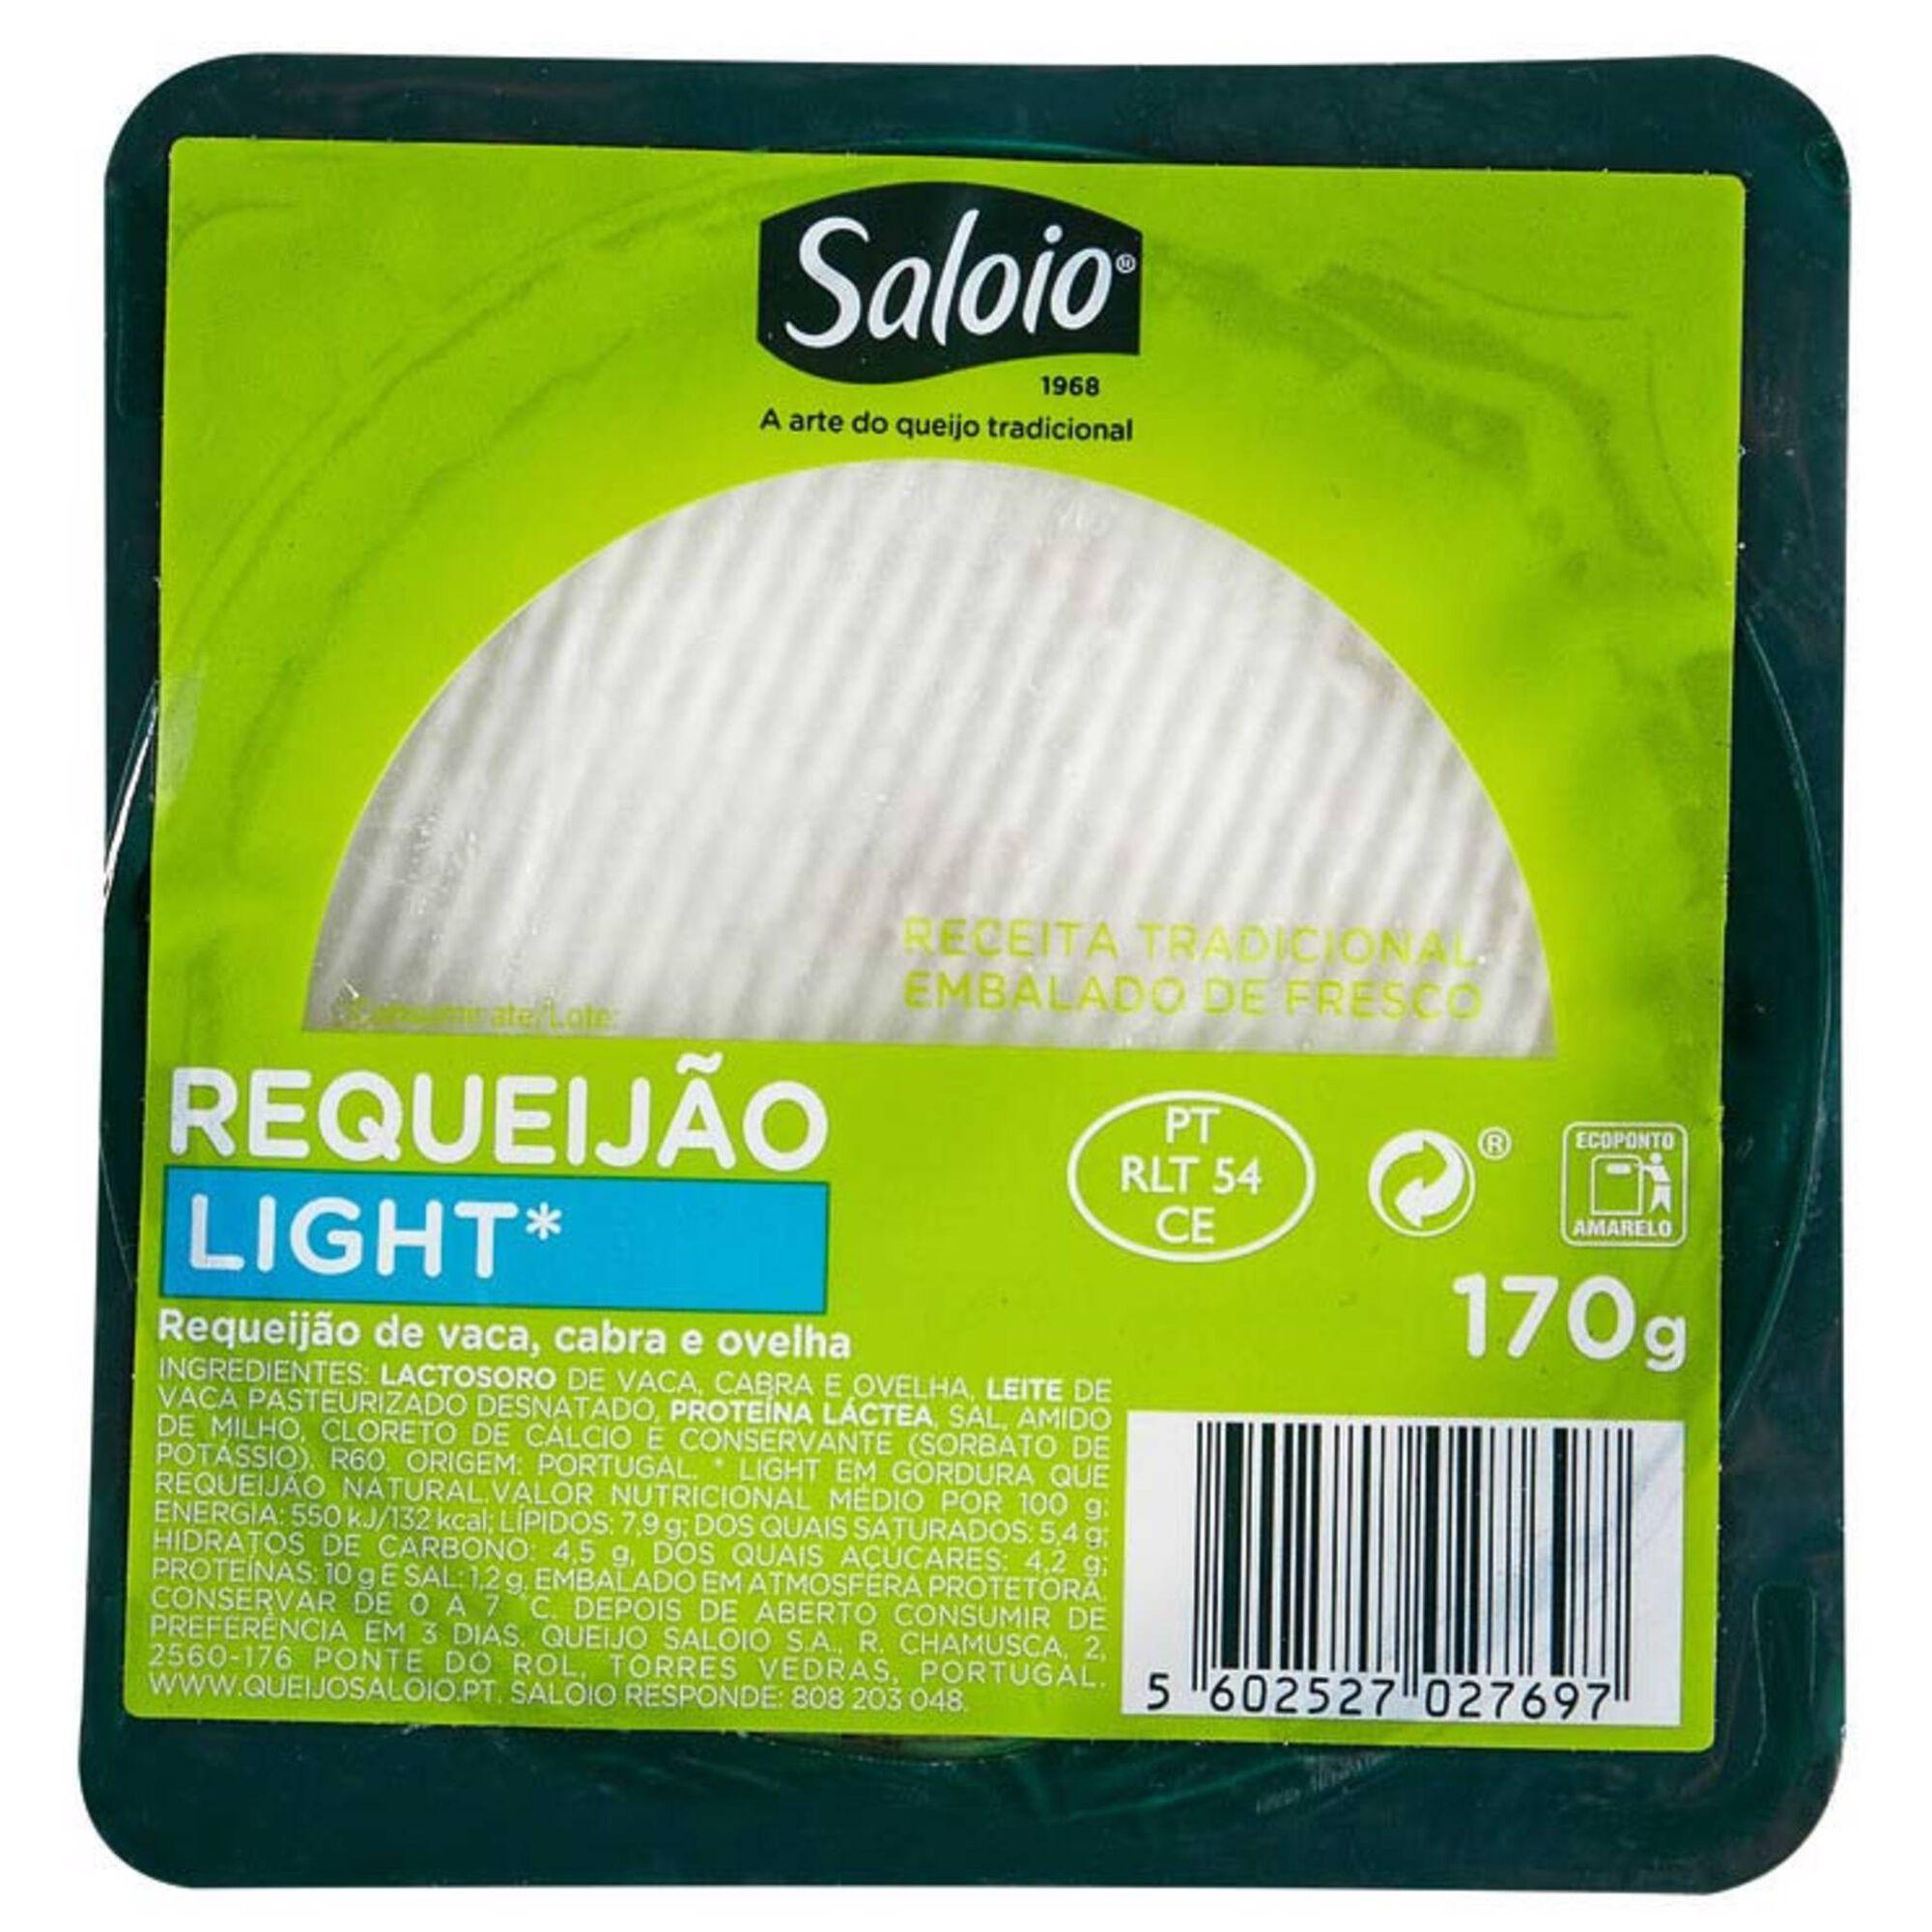 Requeijão Light